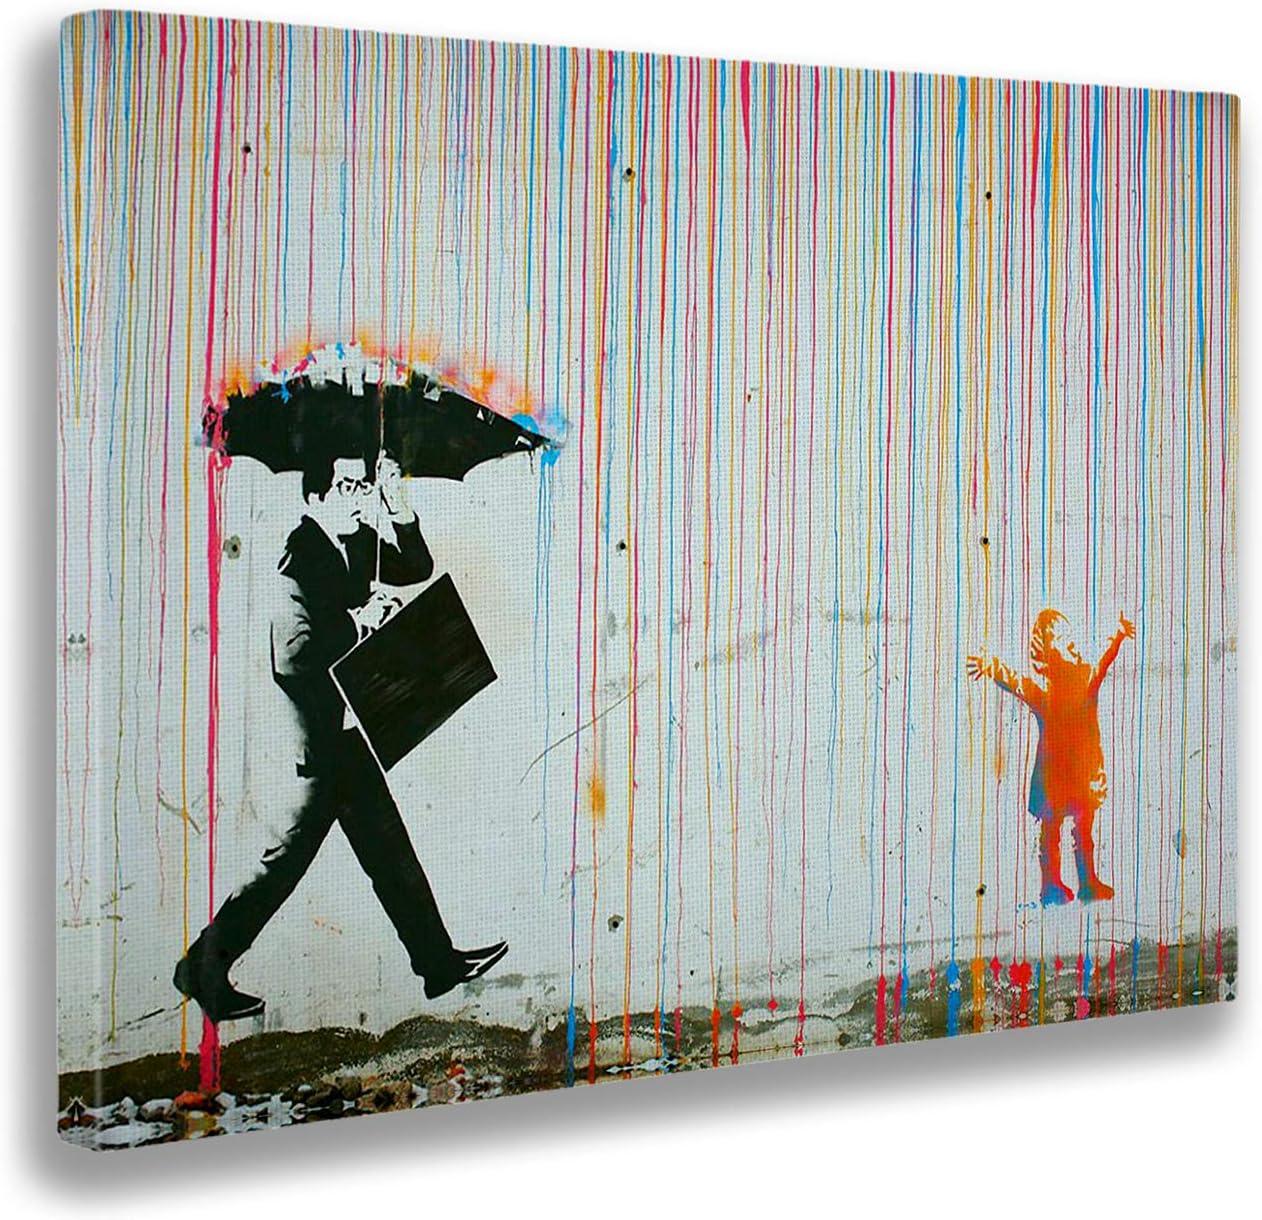 Giallobus - Cuadro - Impresion EN Lienzo - Banksy - Lluvia DE Colores - 100 x 140 CM